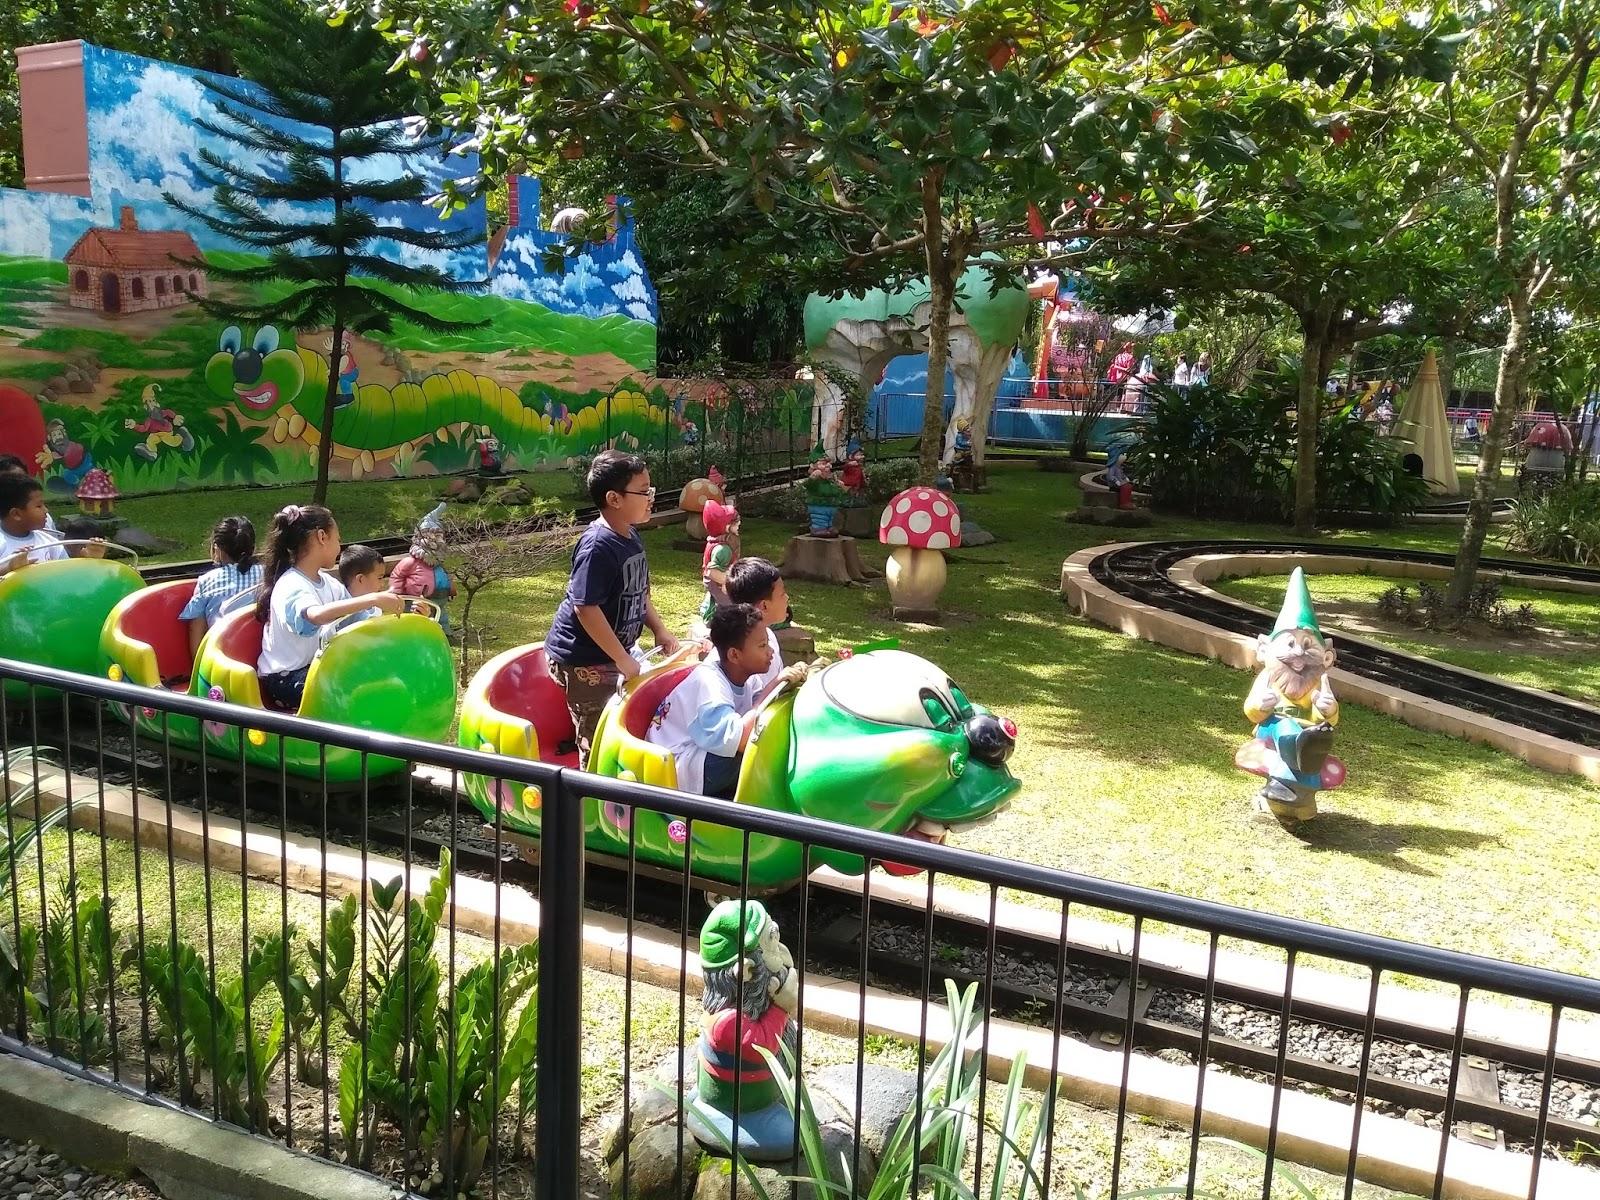 Multimedia Dan Wisata Jogja Tempat Rekreasi Anak Anak Di Jogja Paket Wisata Edukasi Di Jogja Paket Murah Wisata Anak Anak Di Yogyakarta Wisata Liburan Pendidikan Anak Di Jogja Wisata Budaya